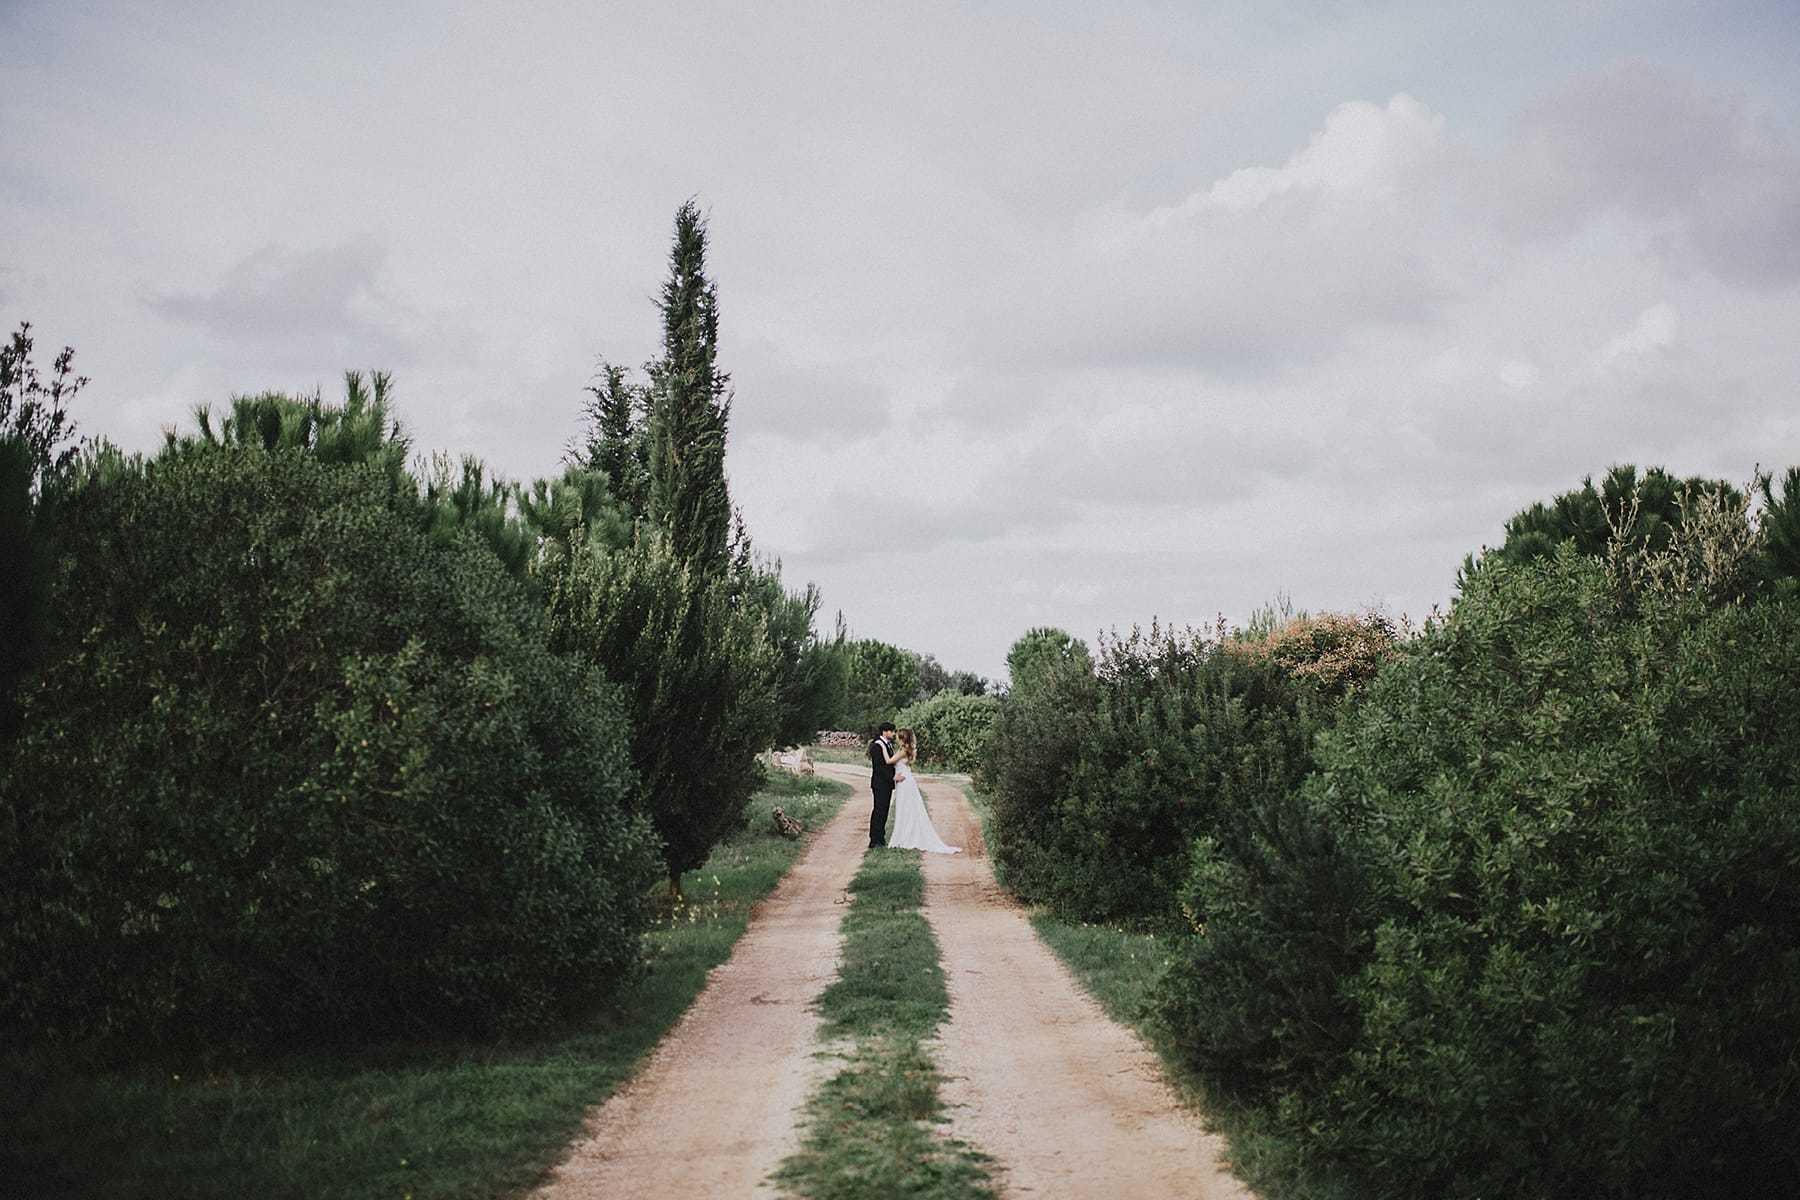 hilario_sanchez_fotografo_boda_ostuni_italia_078